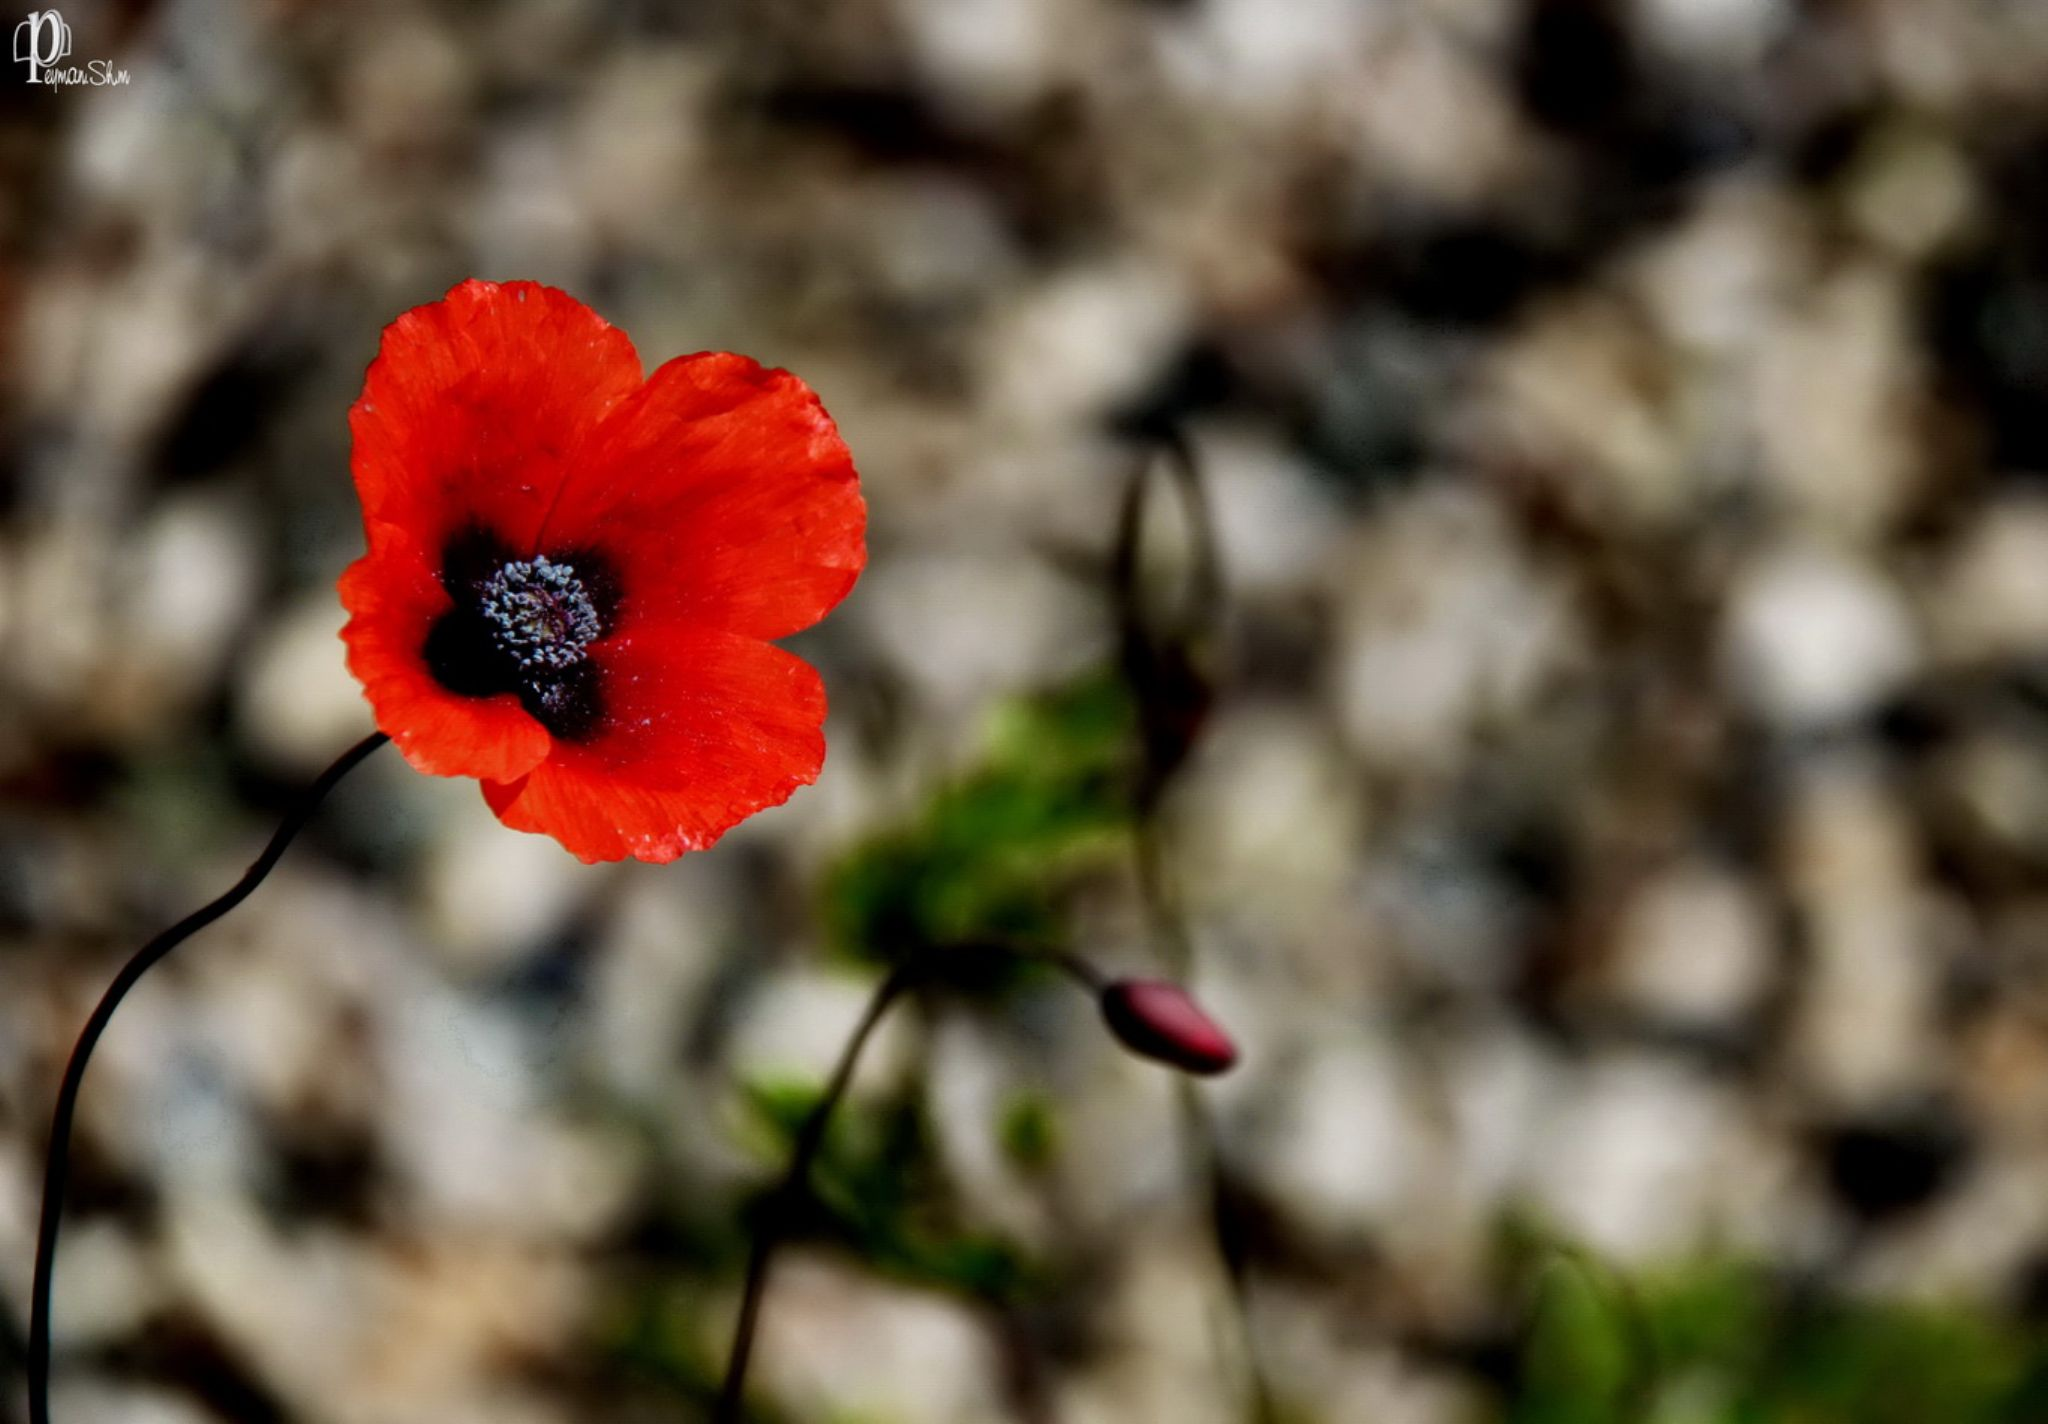 Red by Peyman shm